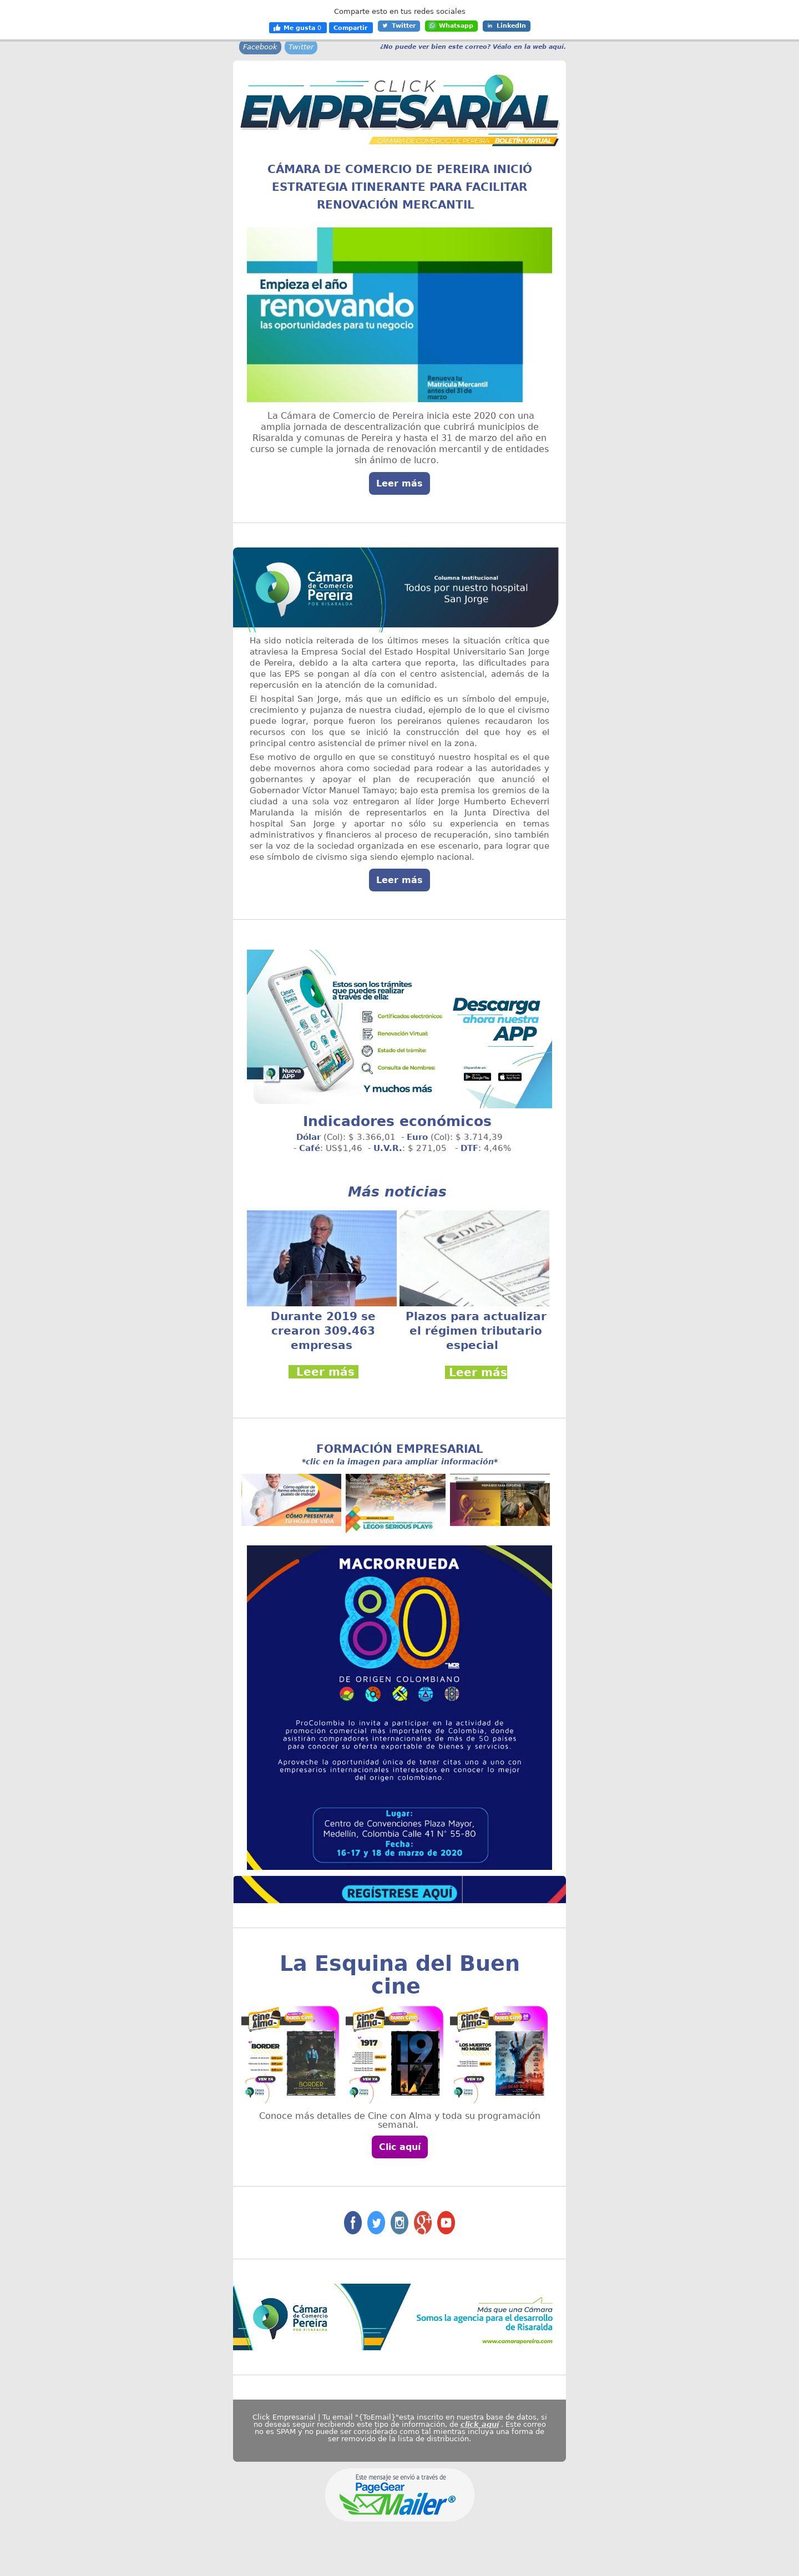 Click Empresarial